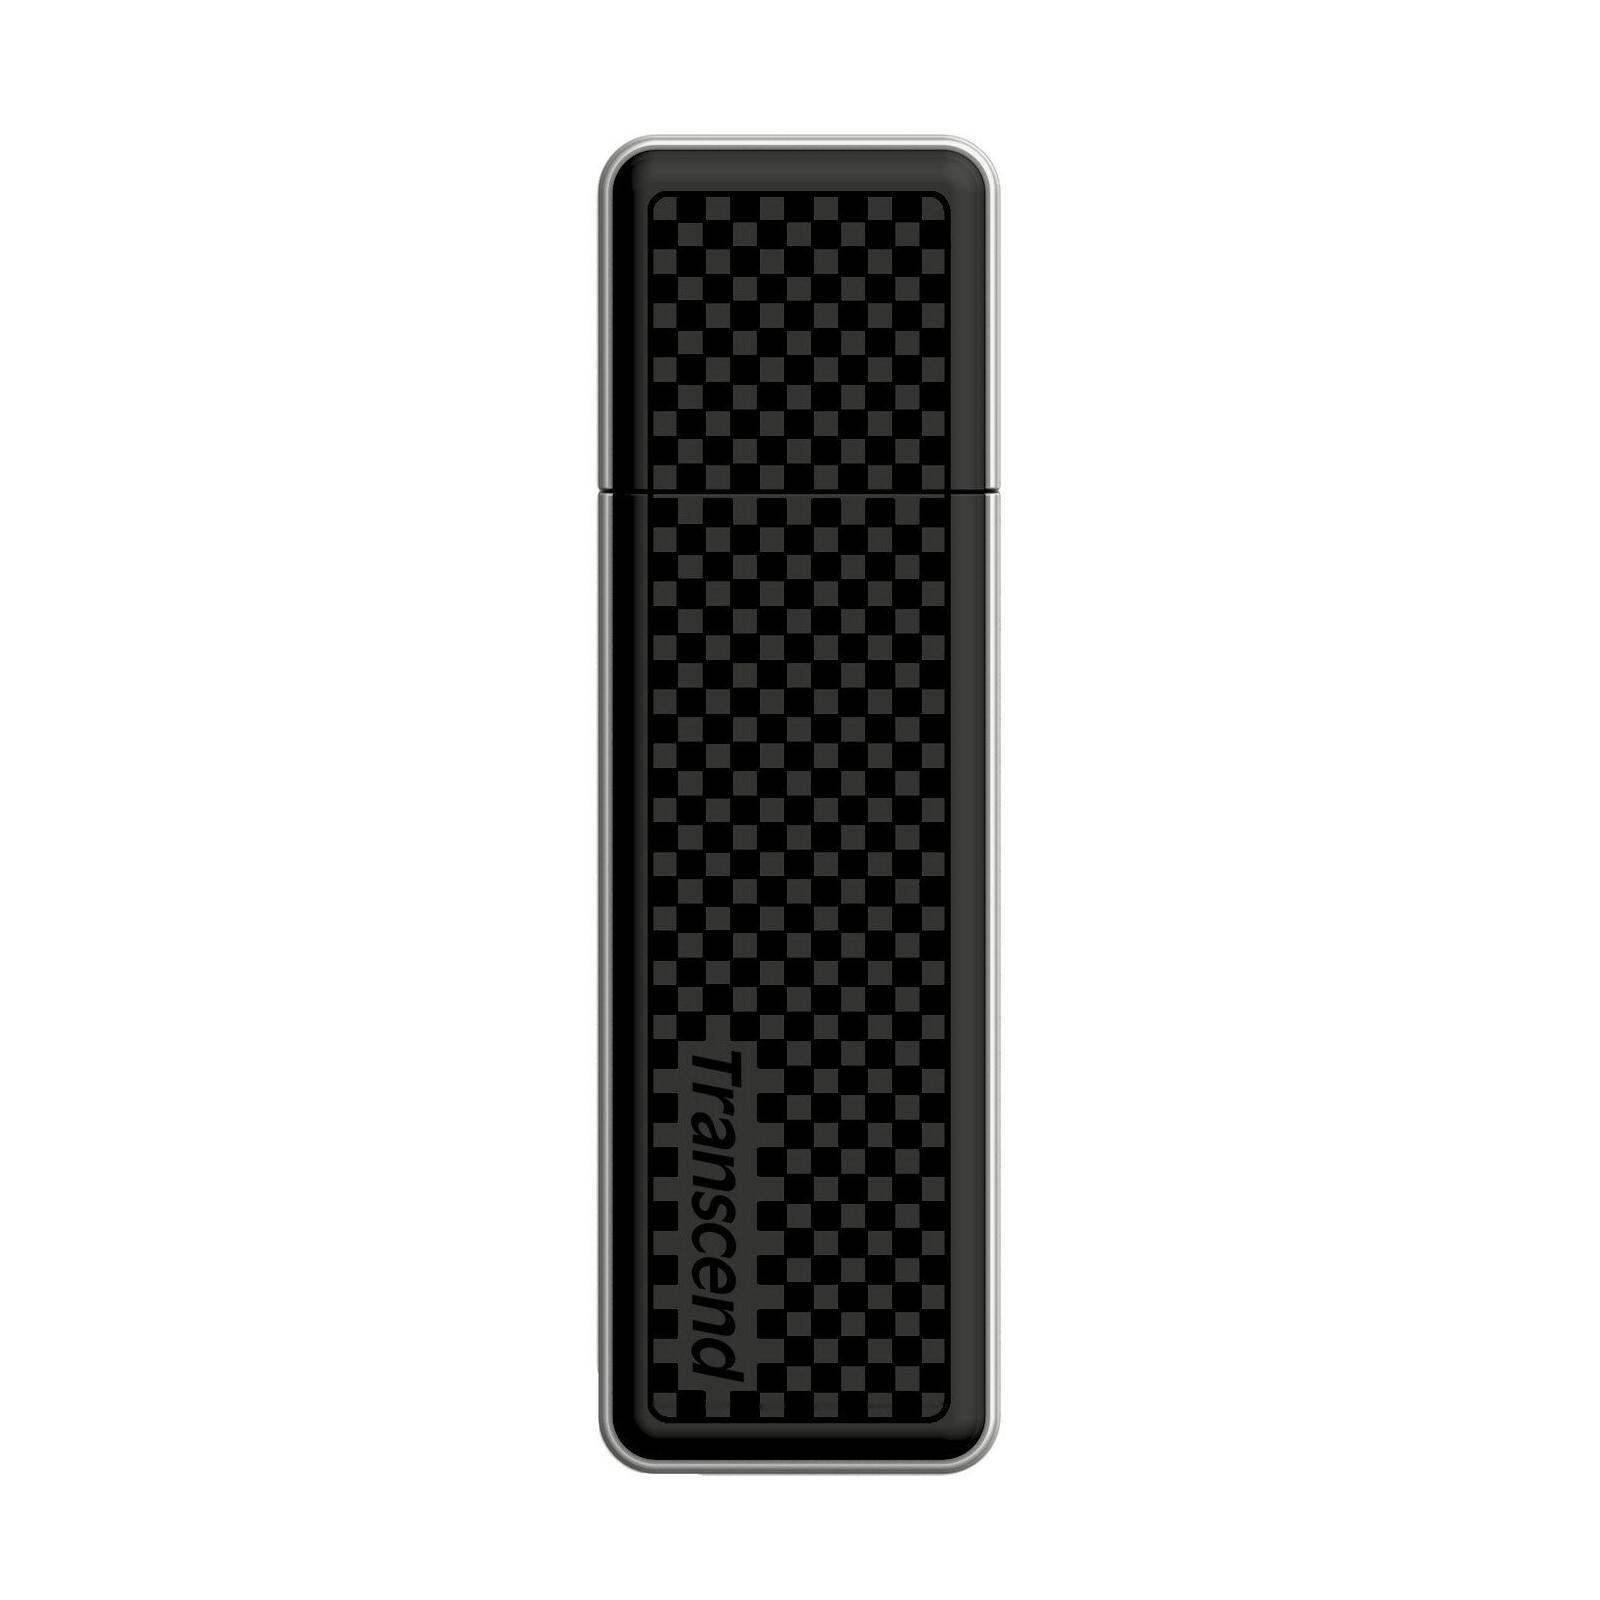 USB флеш накопитель Transcend 8Gb JetFlash 780 (TS8GJF780)